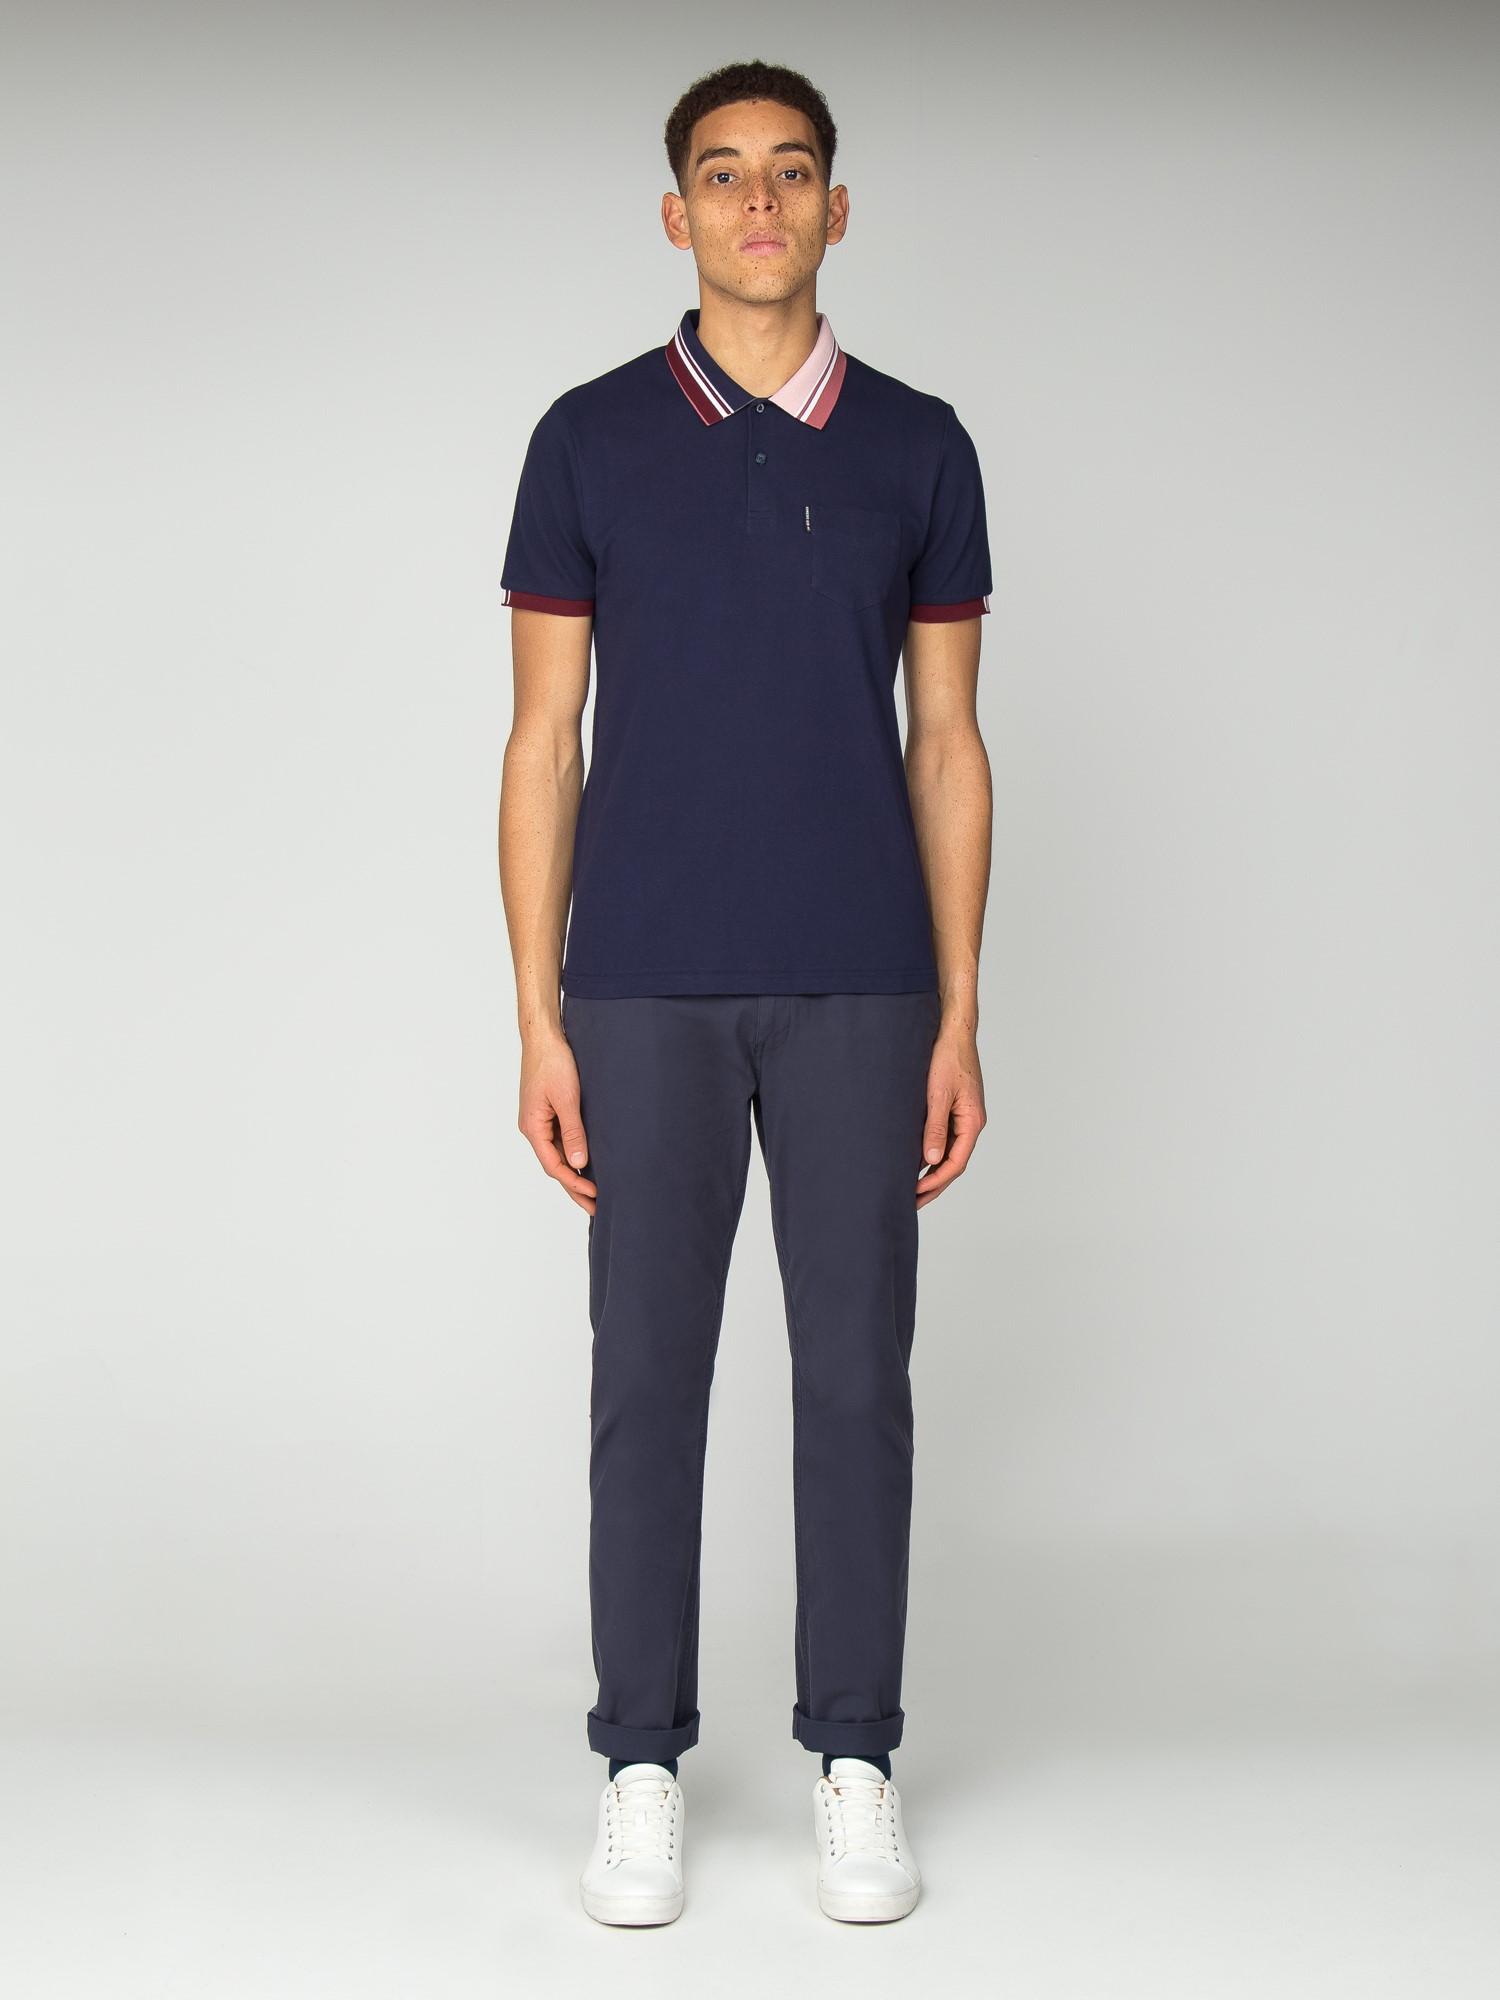 4263553191e2eb Men's Navy Striped Collar Polo Shirt | Ben Sherman | Est 1963